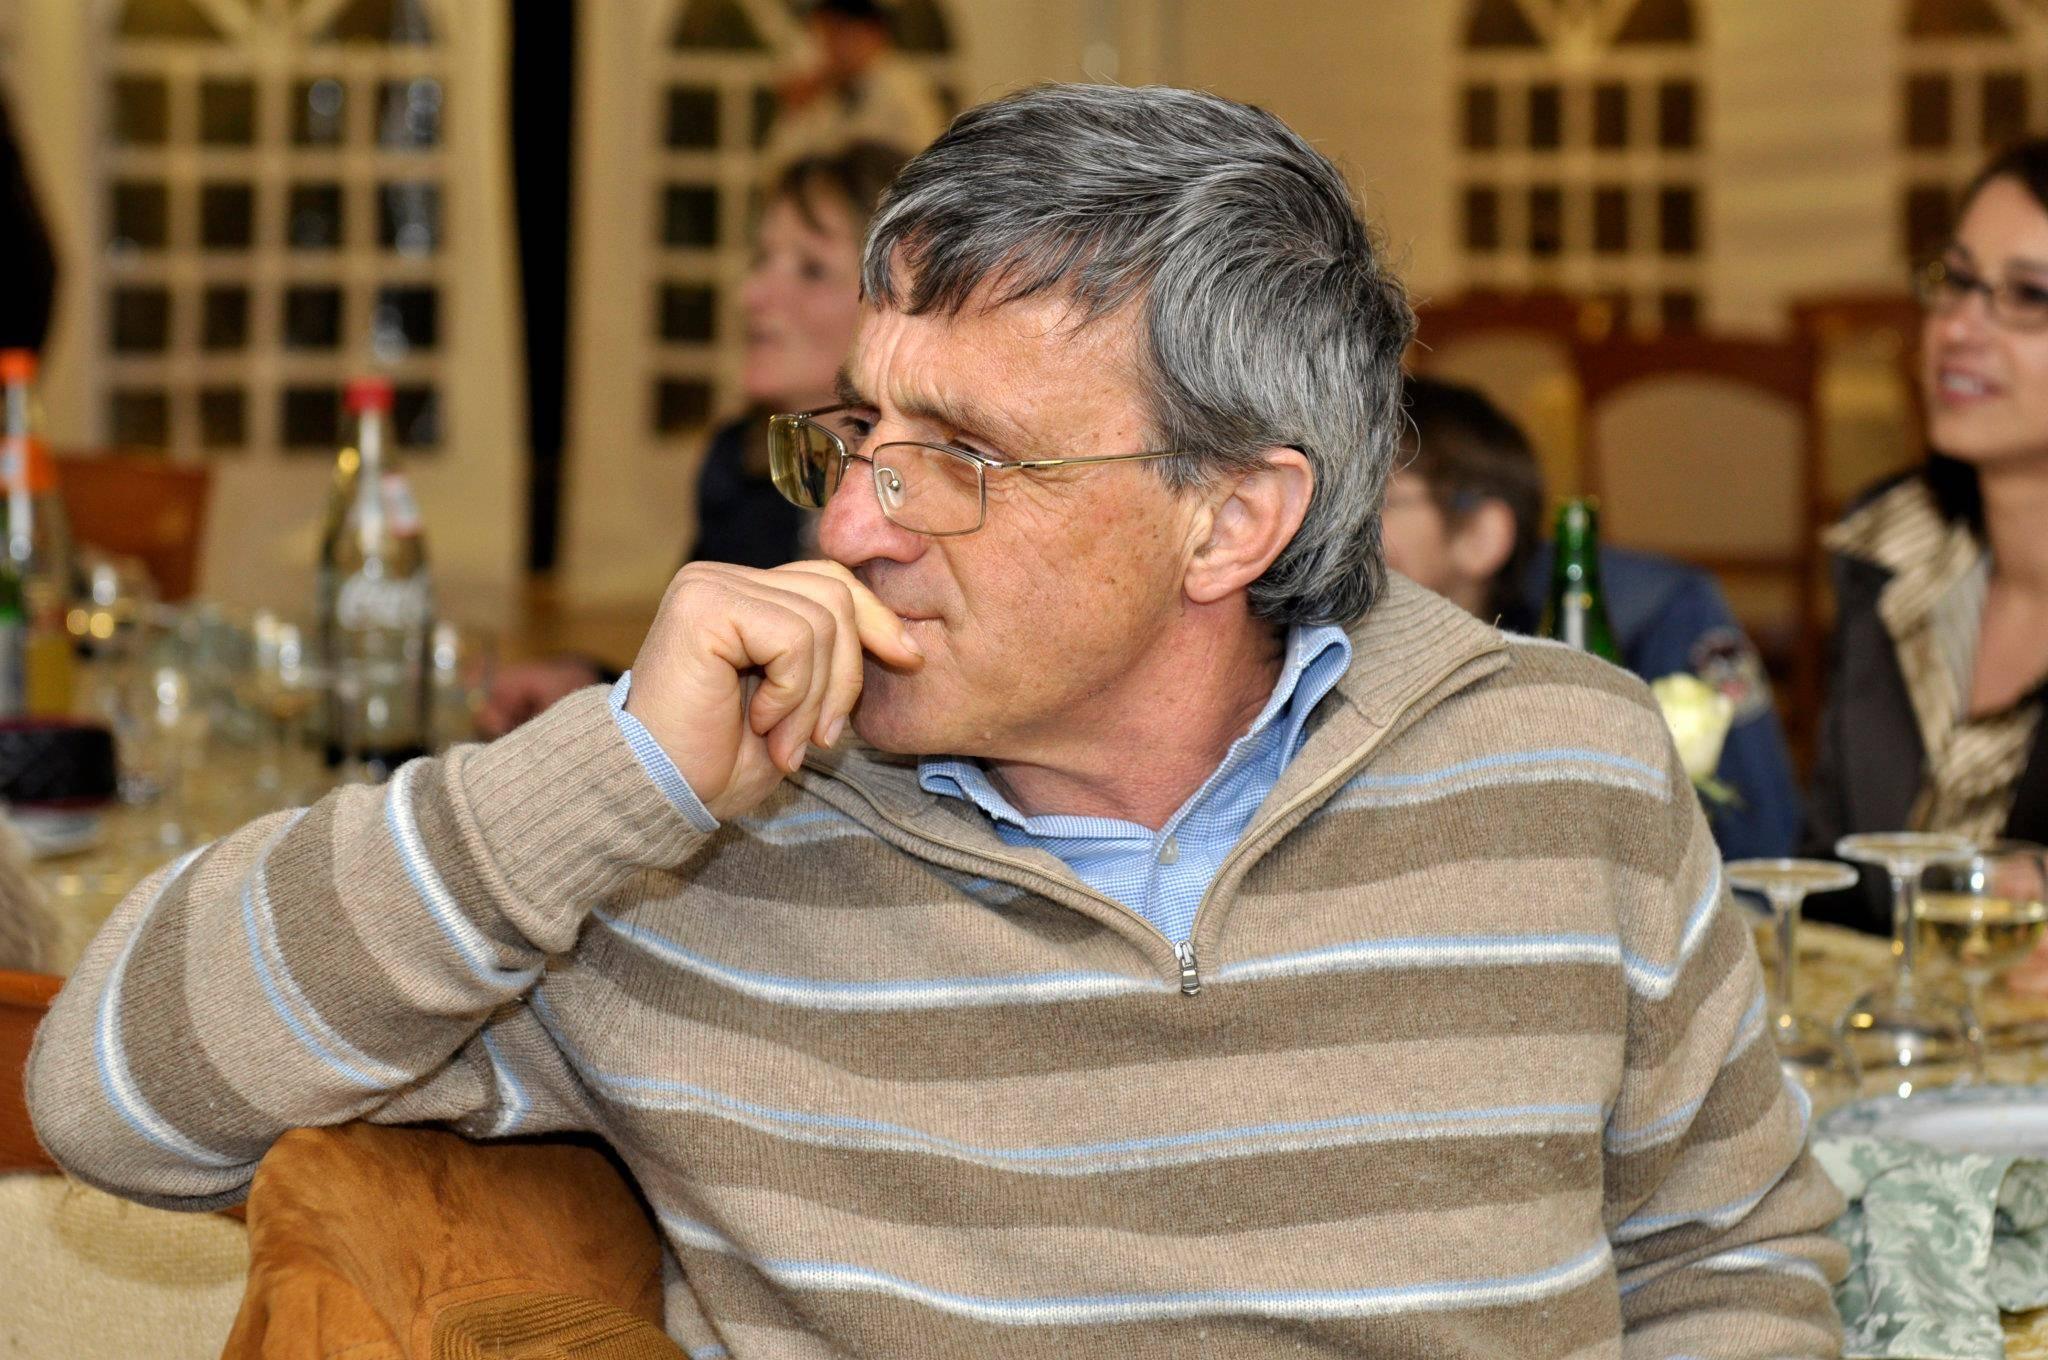 Agropoli: Antonio Inverso eletto delegato Figc Campania per il quadriennio Olimpico 2016/2020